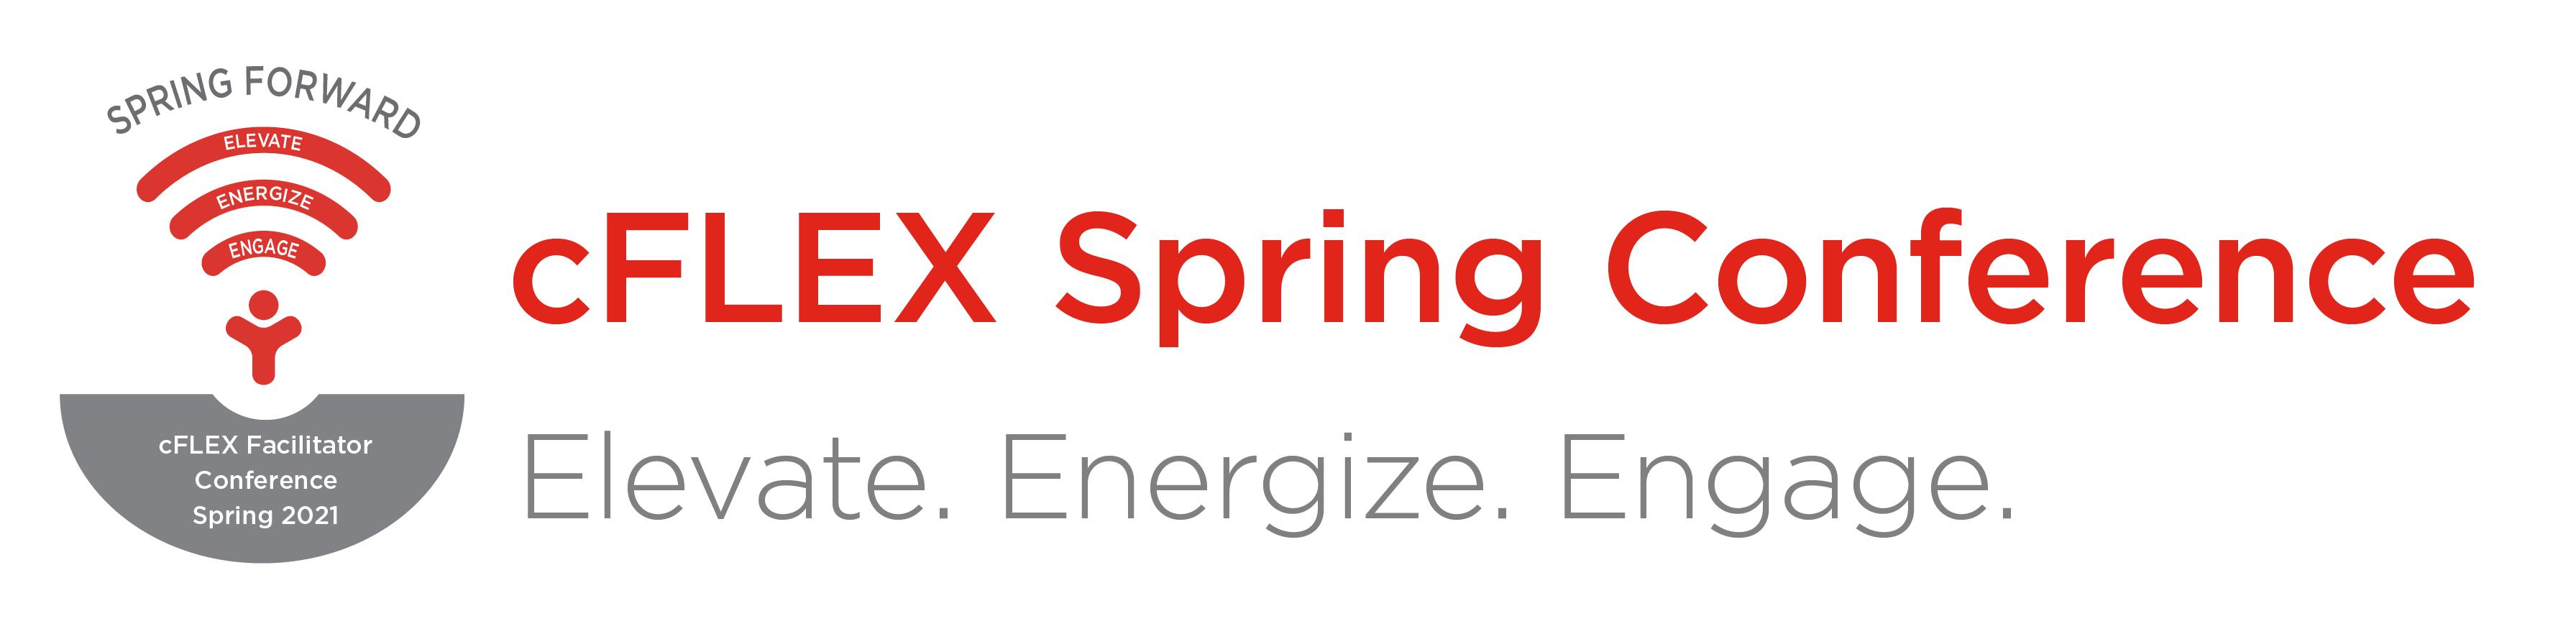 cFLEX Spring Conference 2021 banner